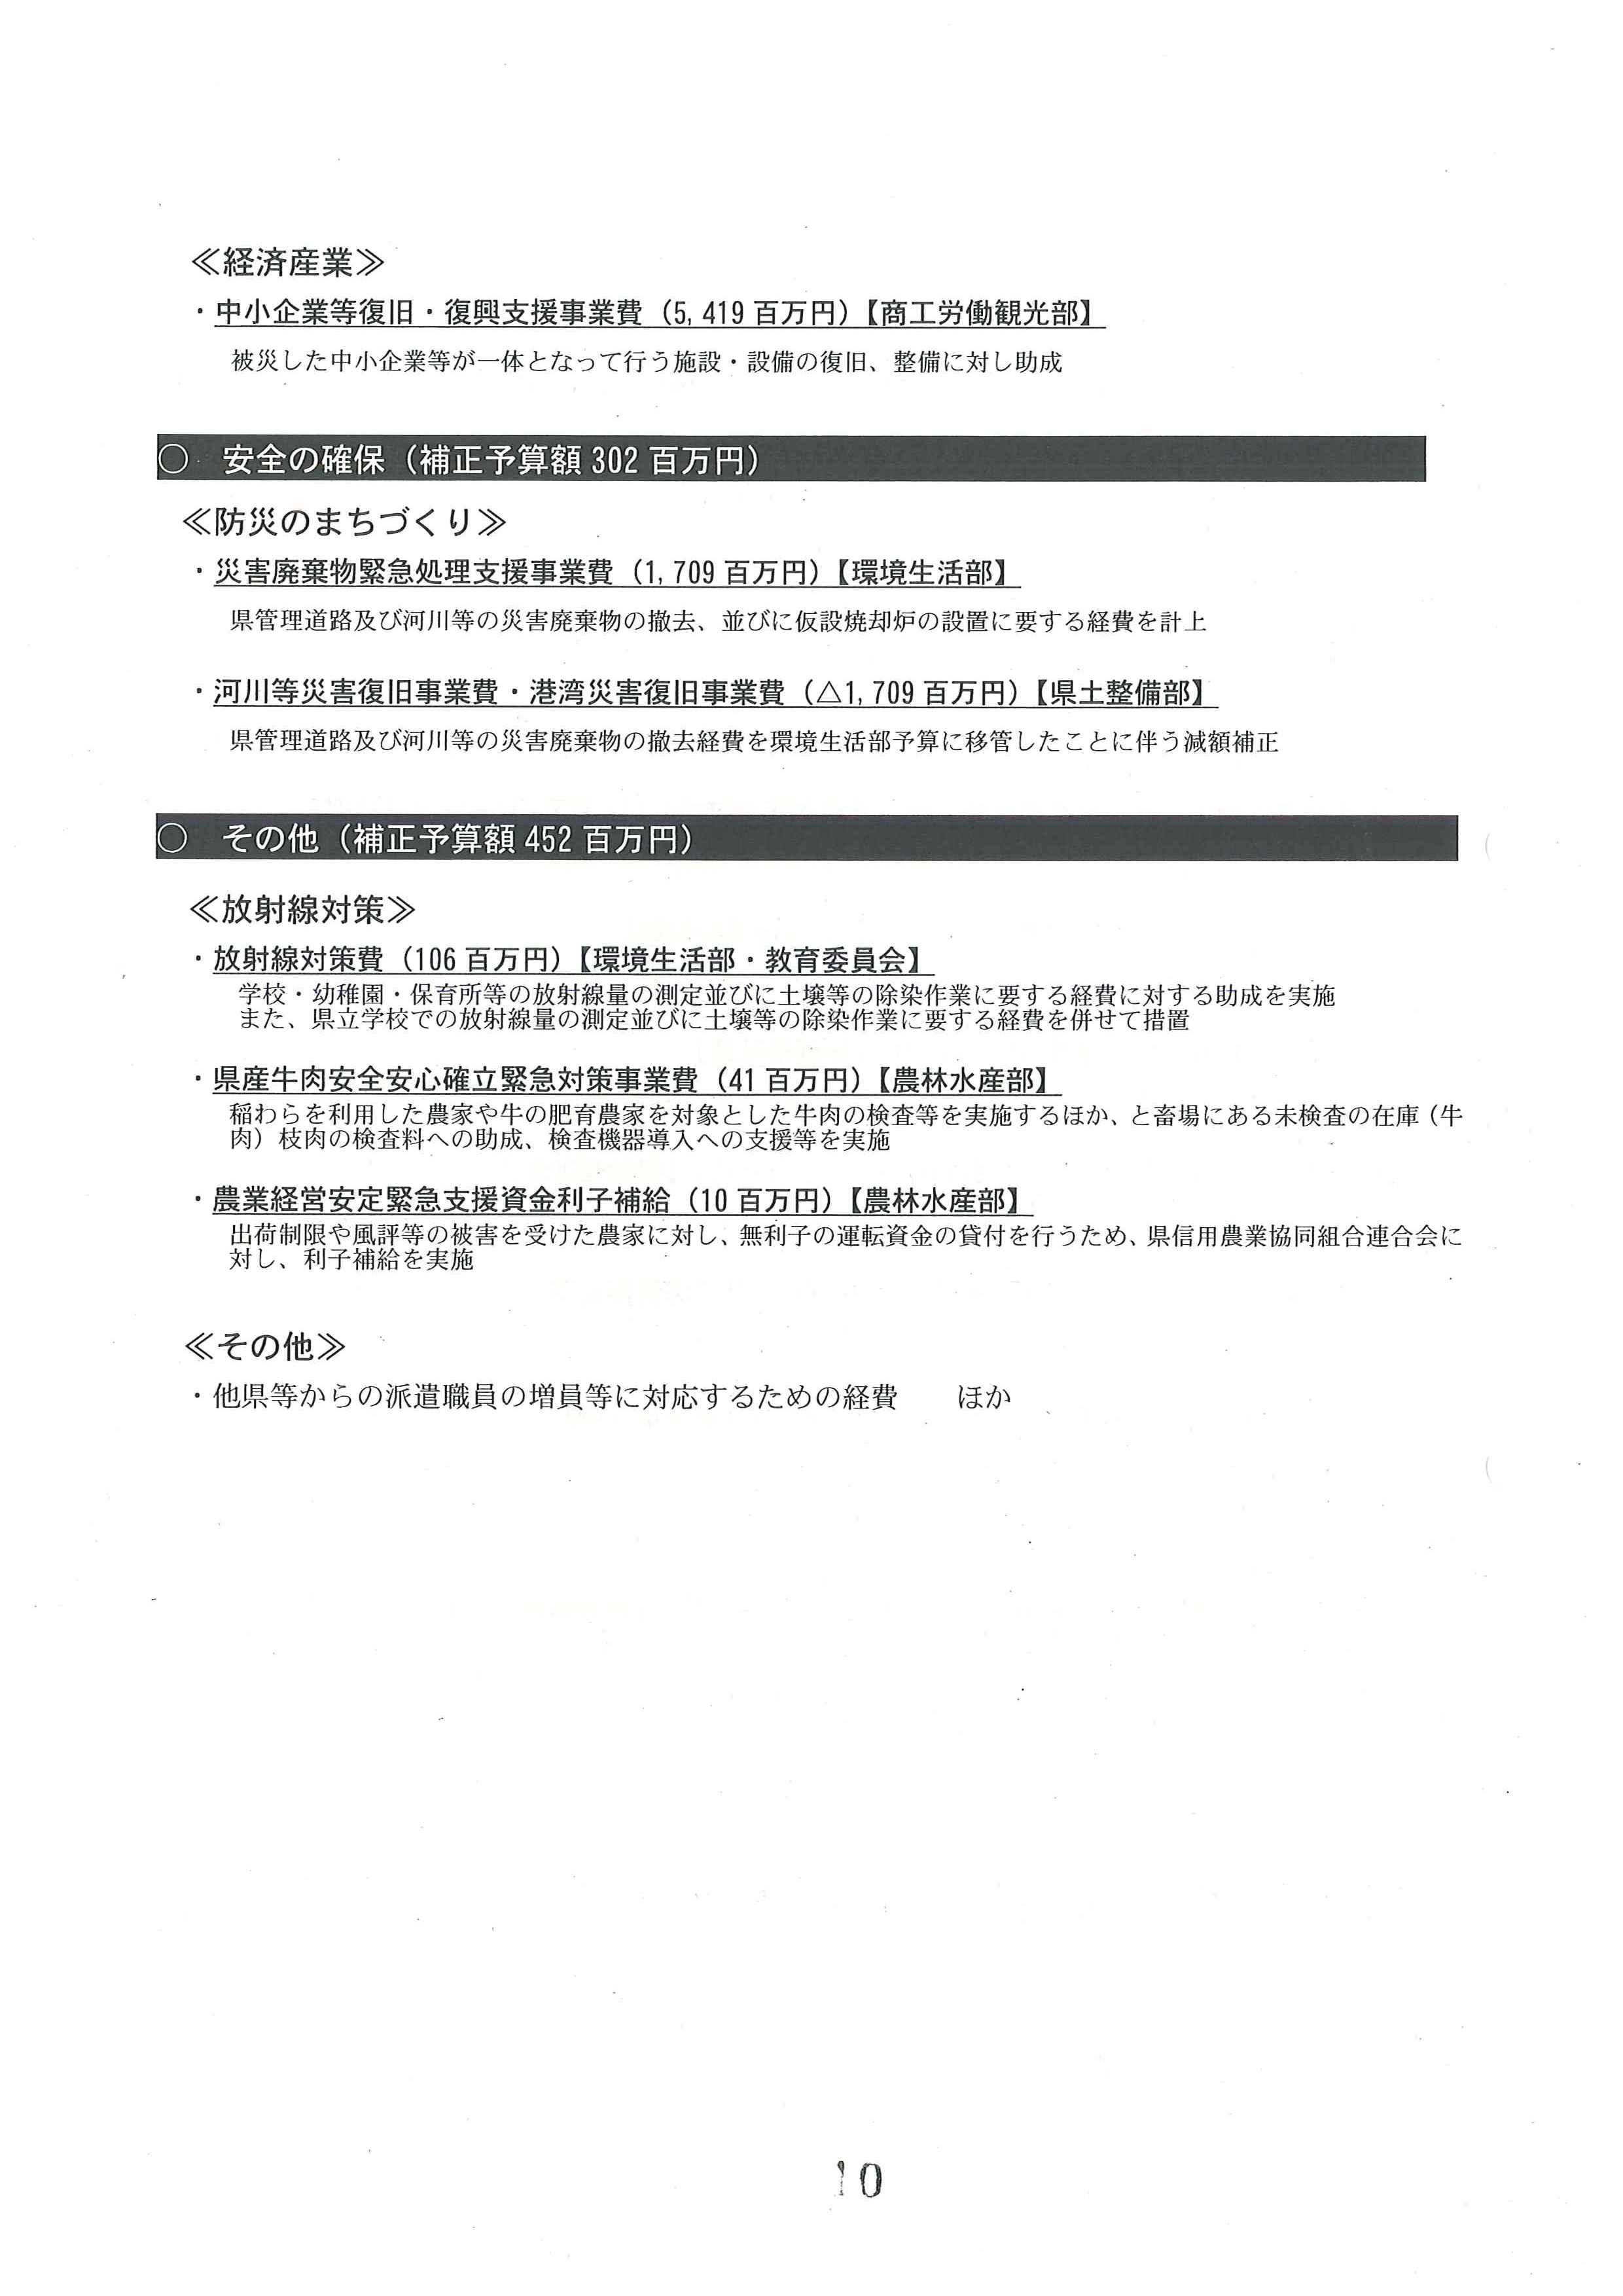 岩手県の学校における放射能汚染対策について/明日から8月県議会臨時会です_b0199244_22155050.jpg